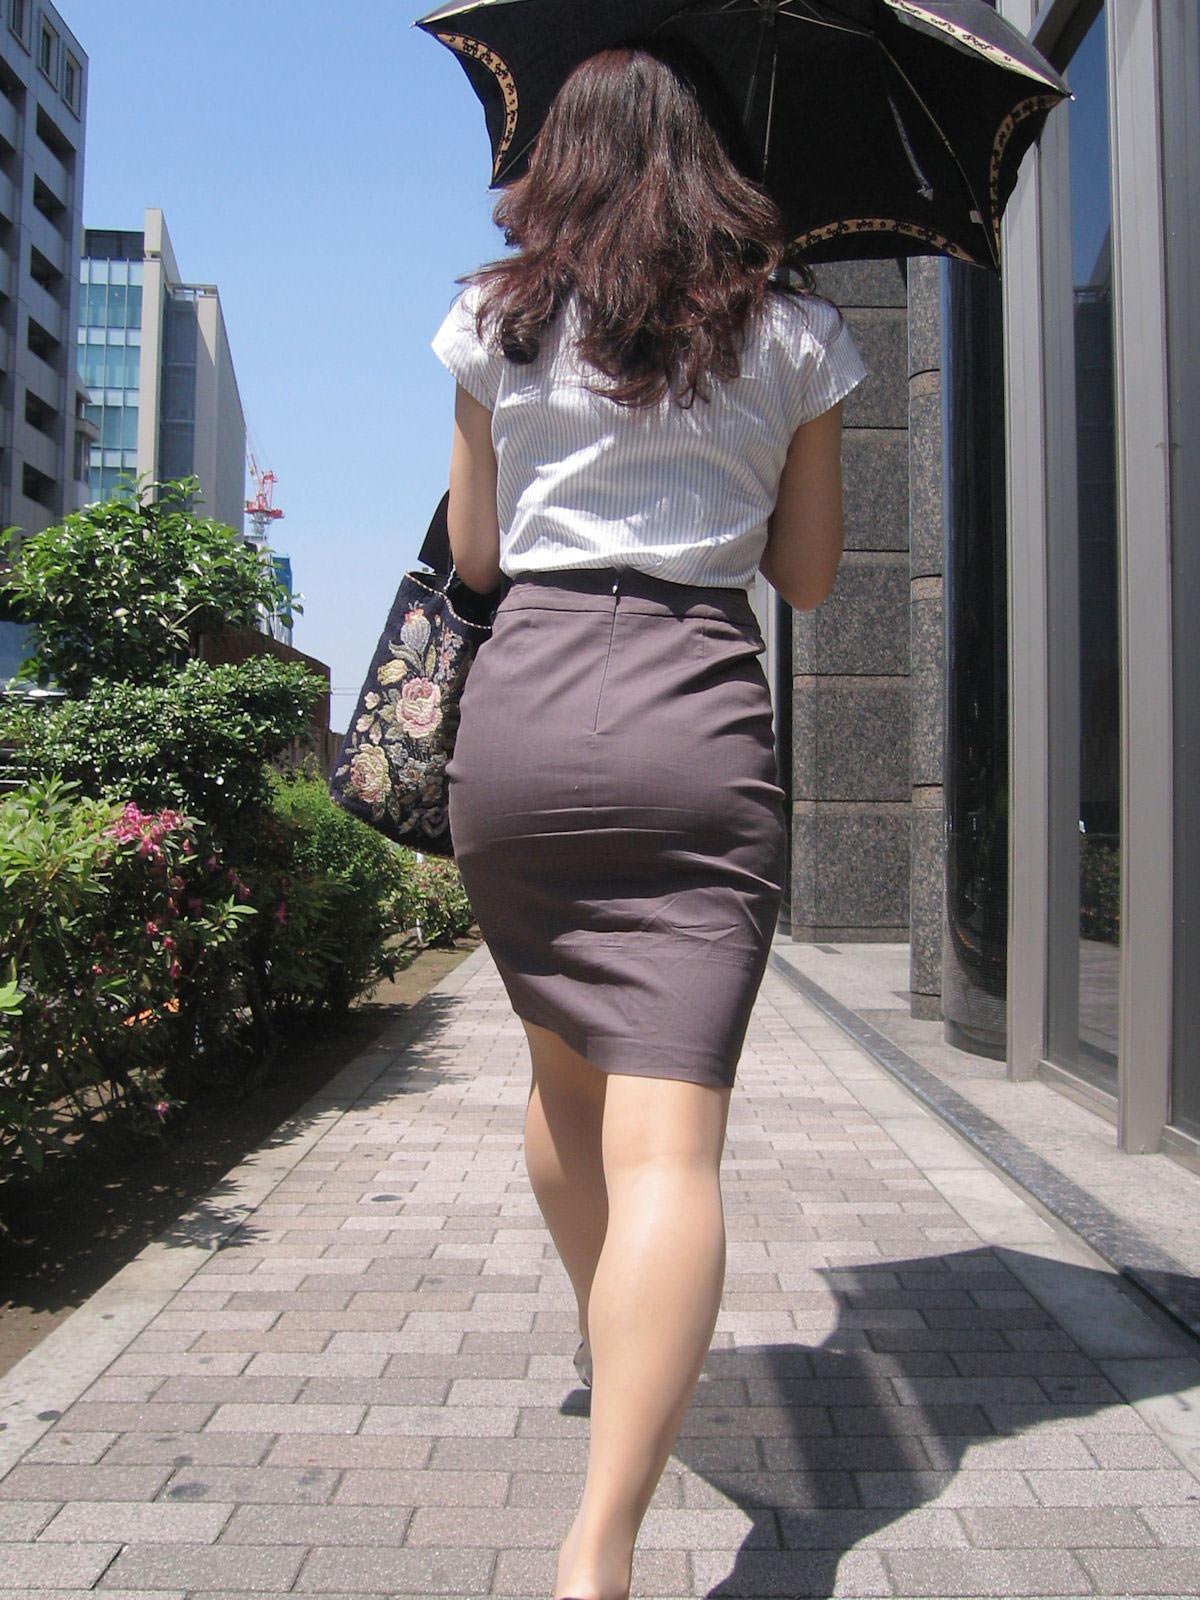 制服着たOLの街撮りお姉さま画像だけで抜く奴www 2417